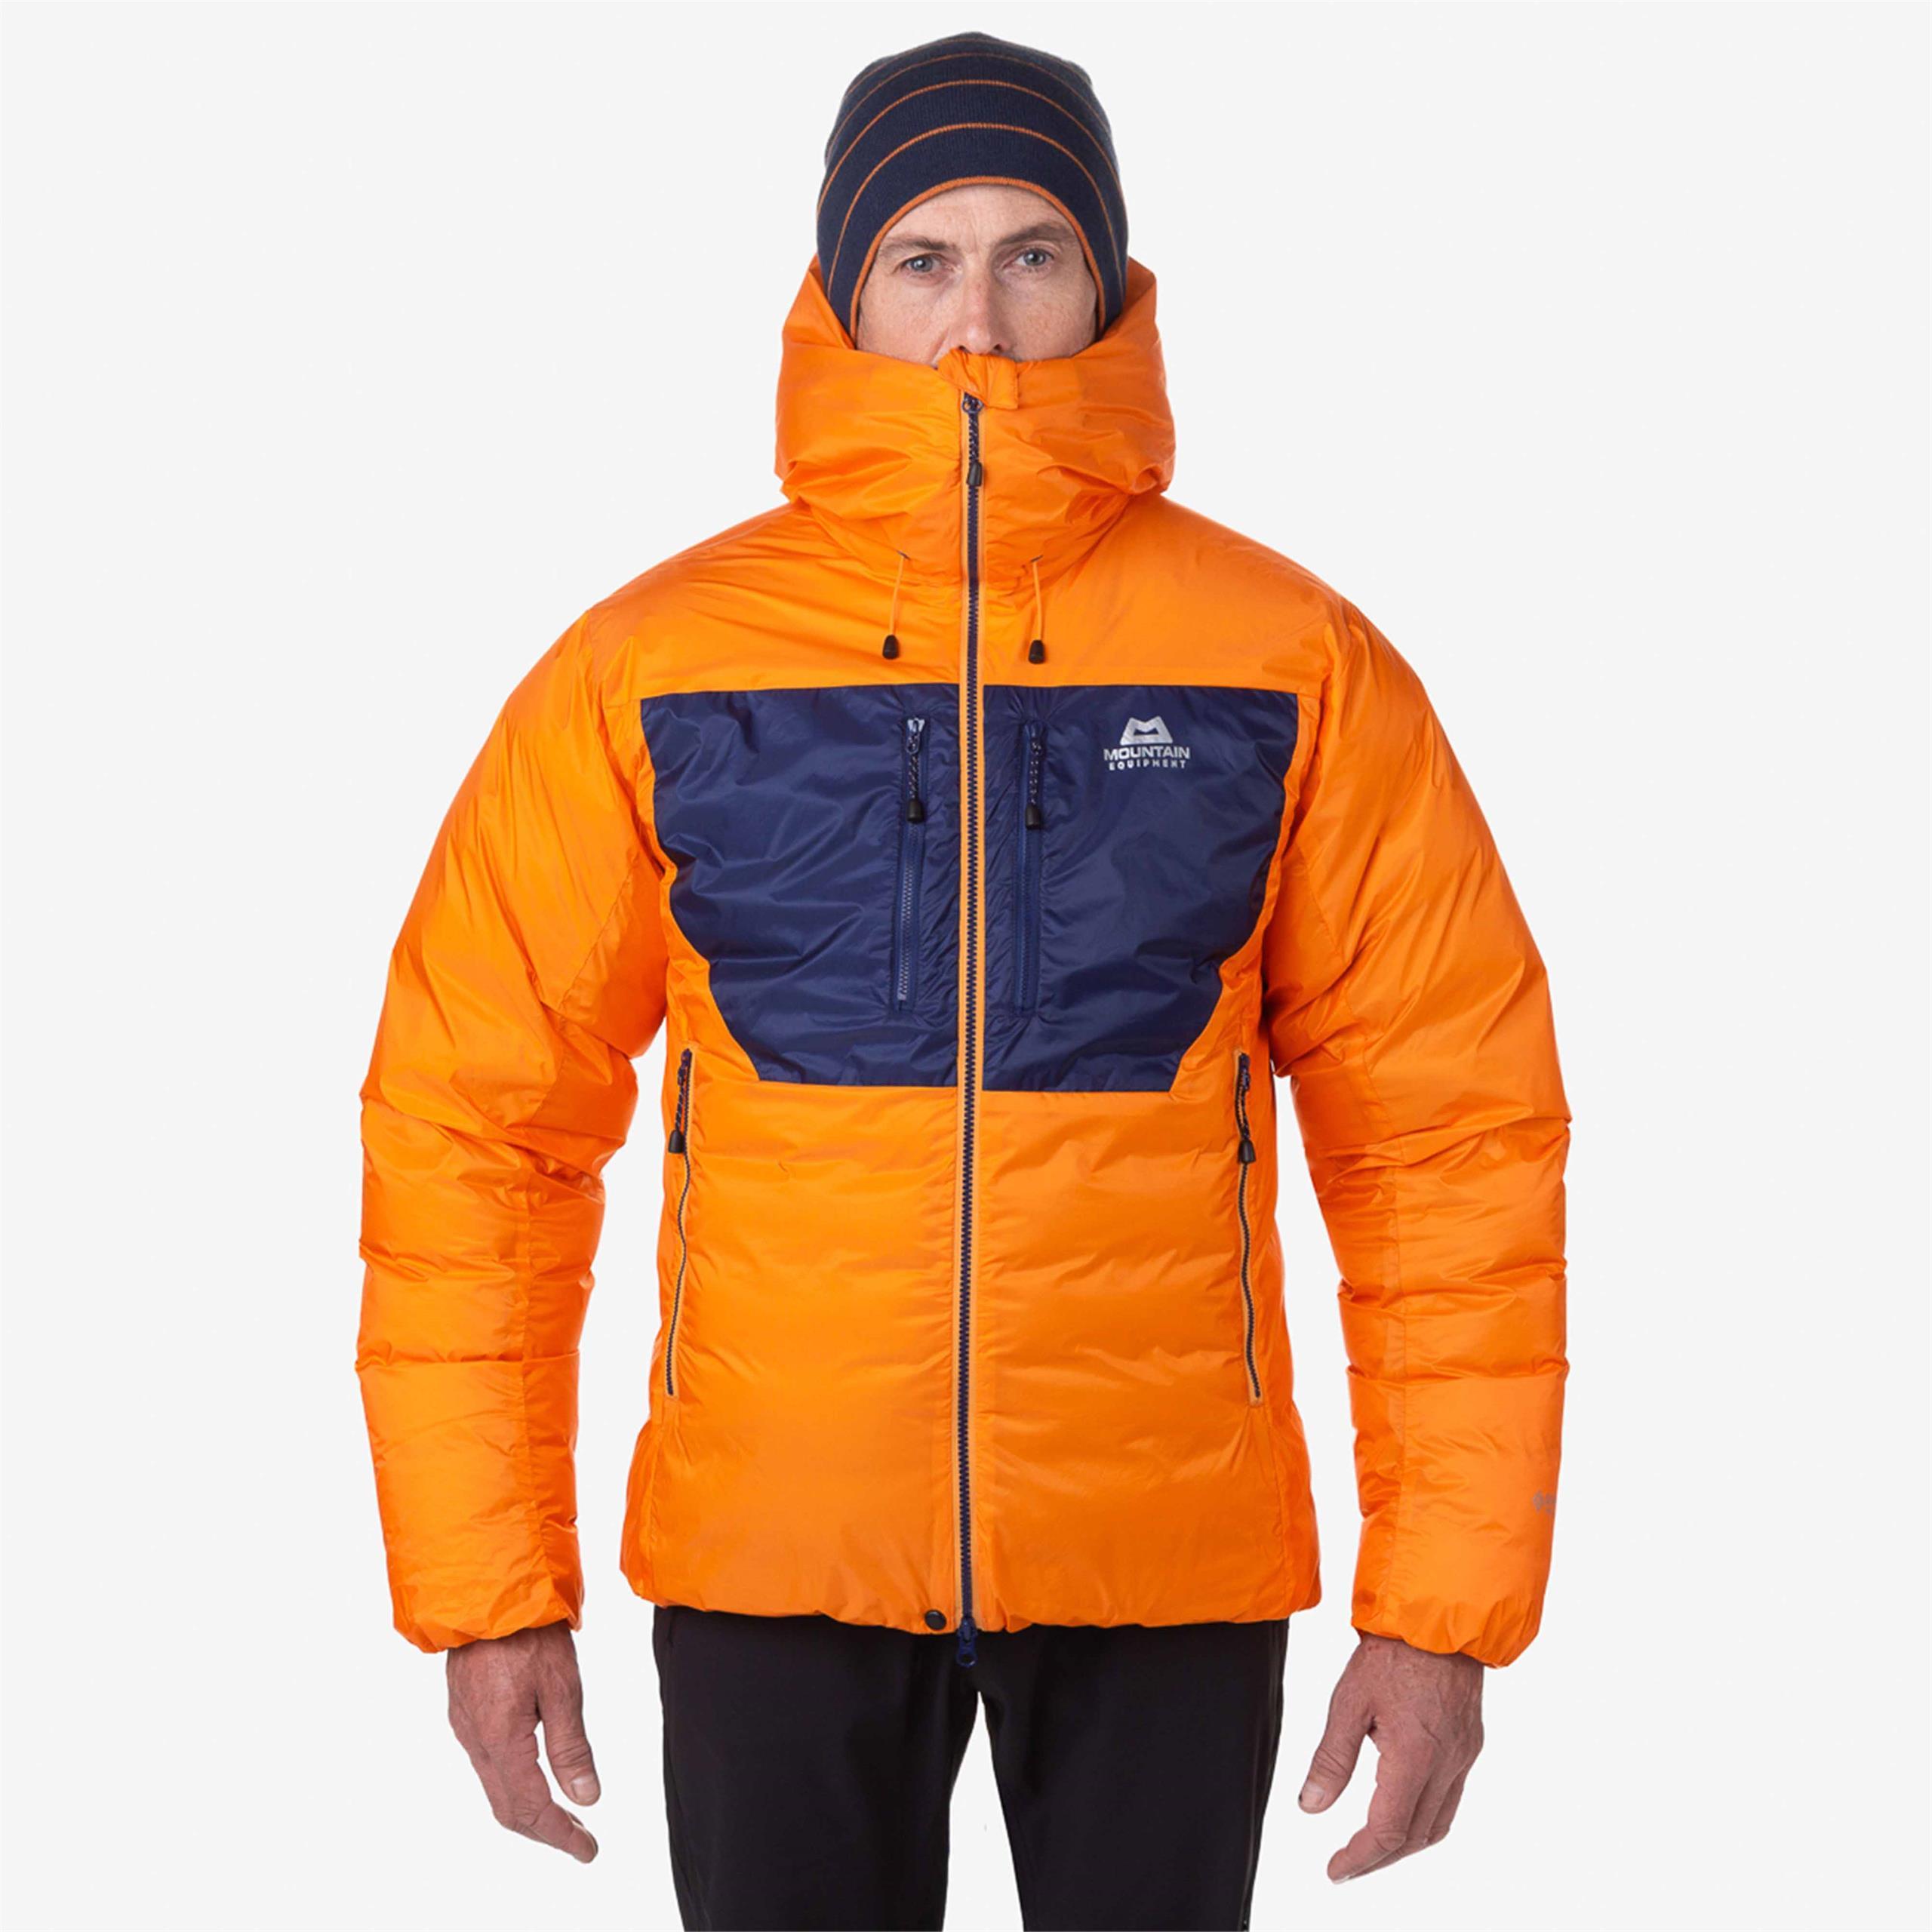 Kryos Jacket